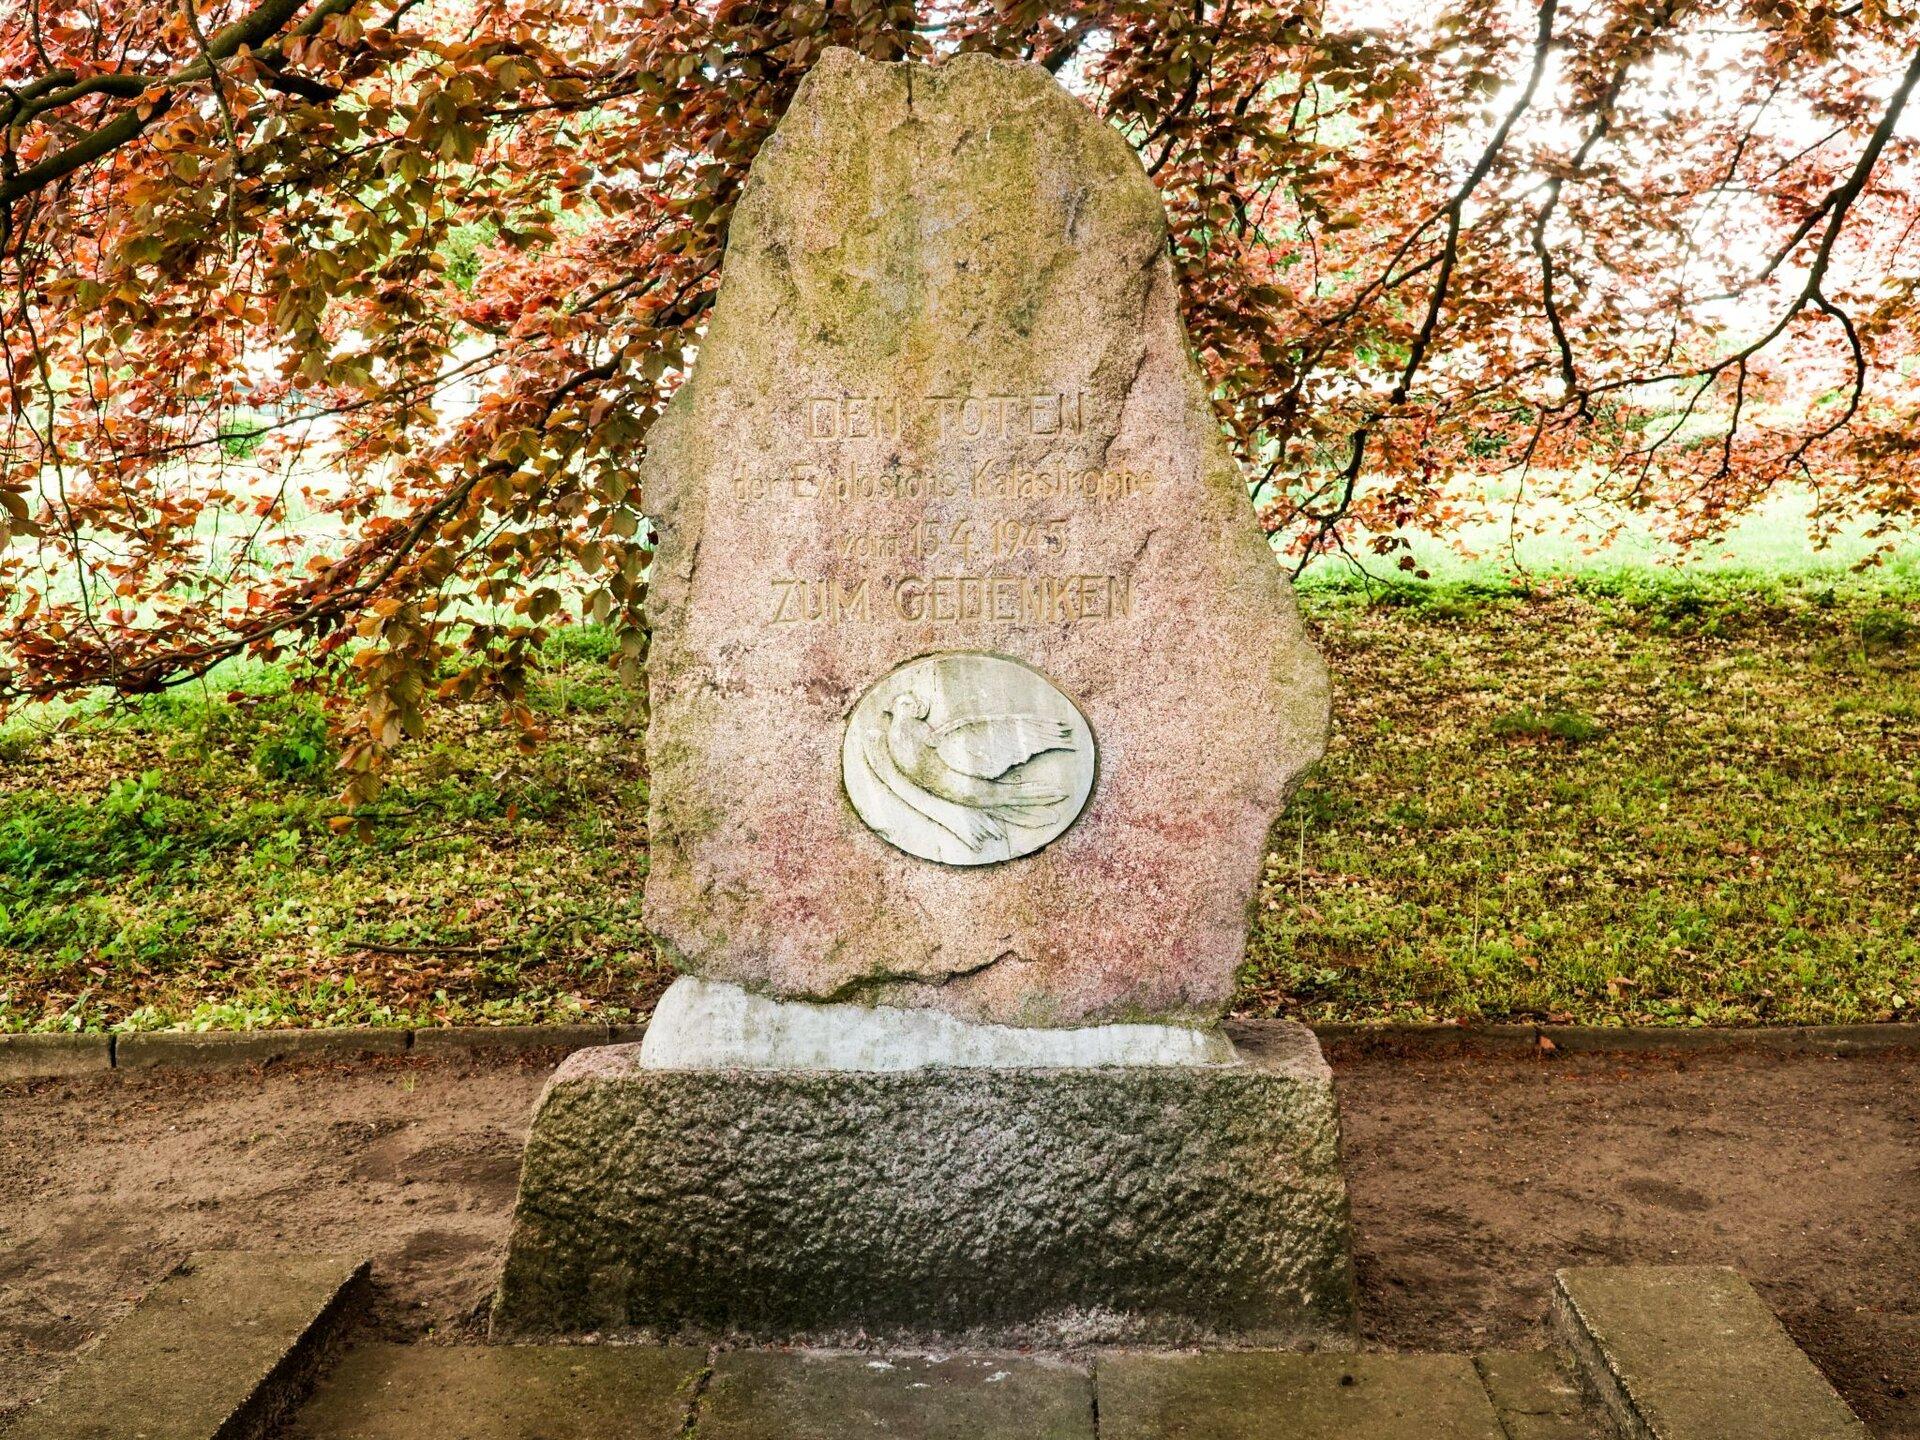 Platz des Friedens: Gedenkstein zur Erinnerung an die Explosionskatastrophe am Bahnhof Pritzwalk (15. April 1945)